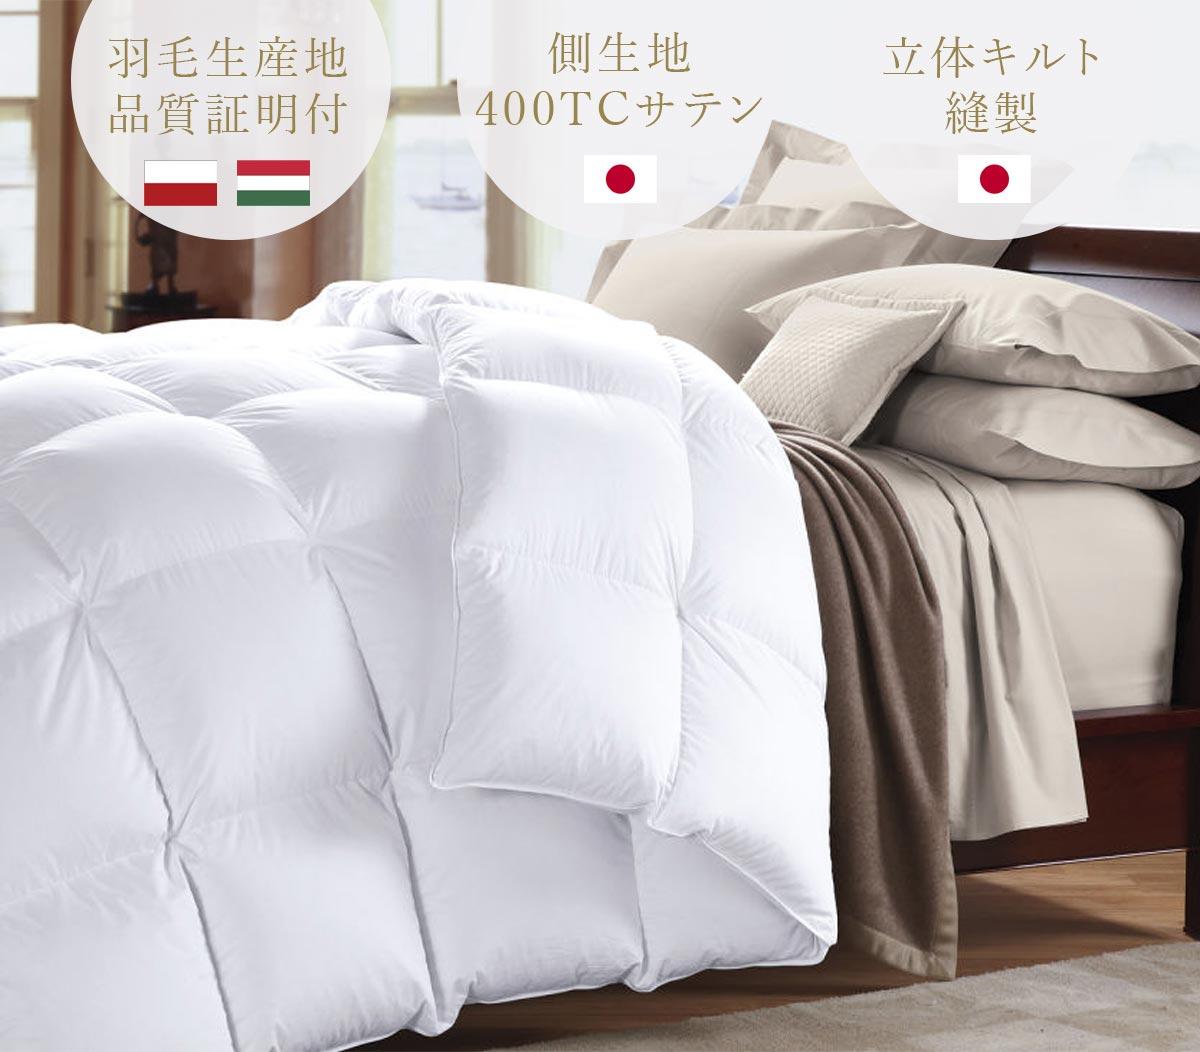 羽毛布団 ホテルライクインテリアの日本製羽毛布団